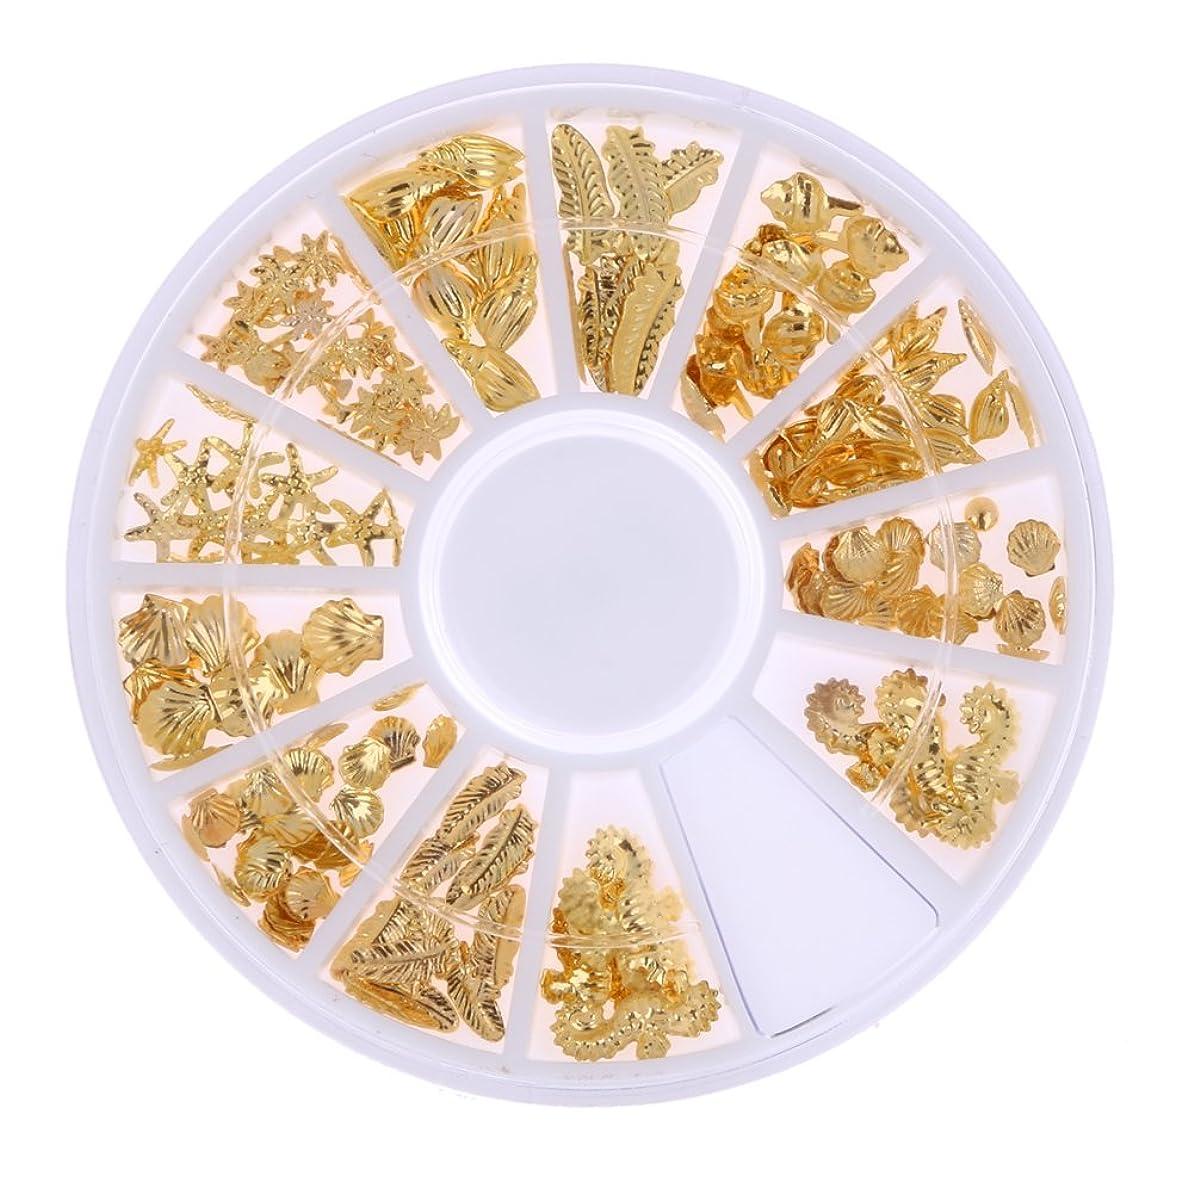 最も早い池政策Demiawaking ネイルパーツ メタル ネイルアート ゴールド 海テーマ(貝殻/海馬/海星) 12種類 DIY ネイルデコレーション ラウンドケース入 1個